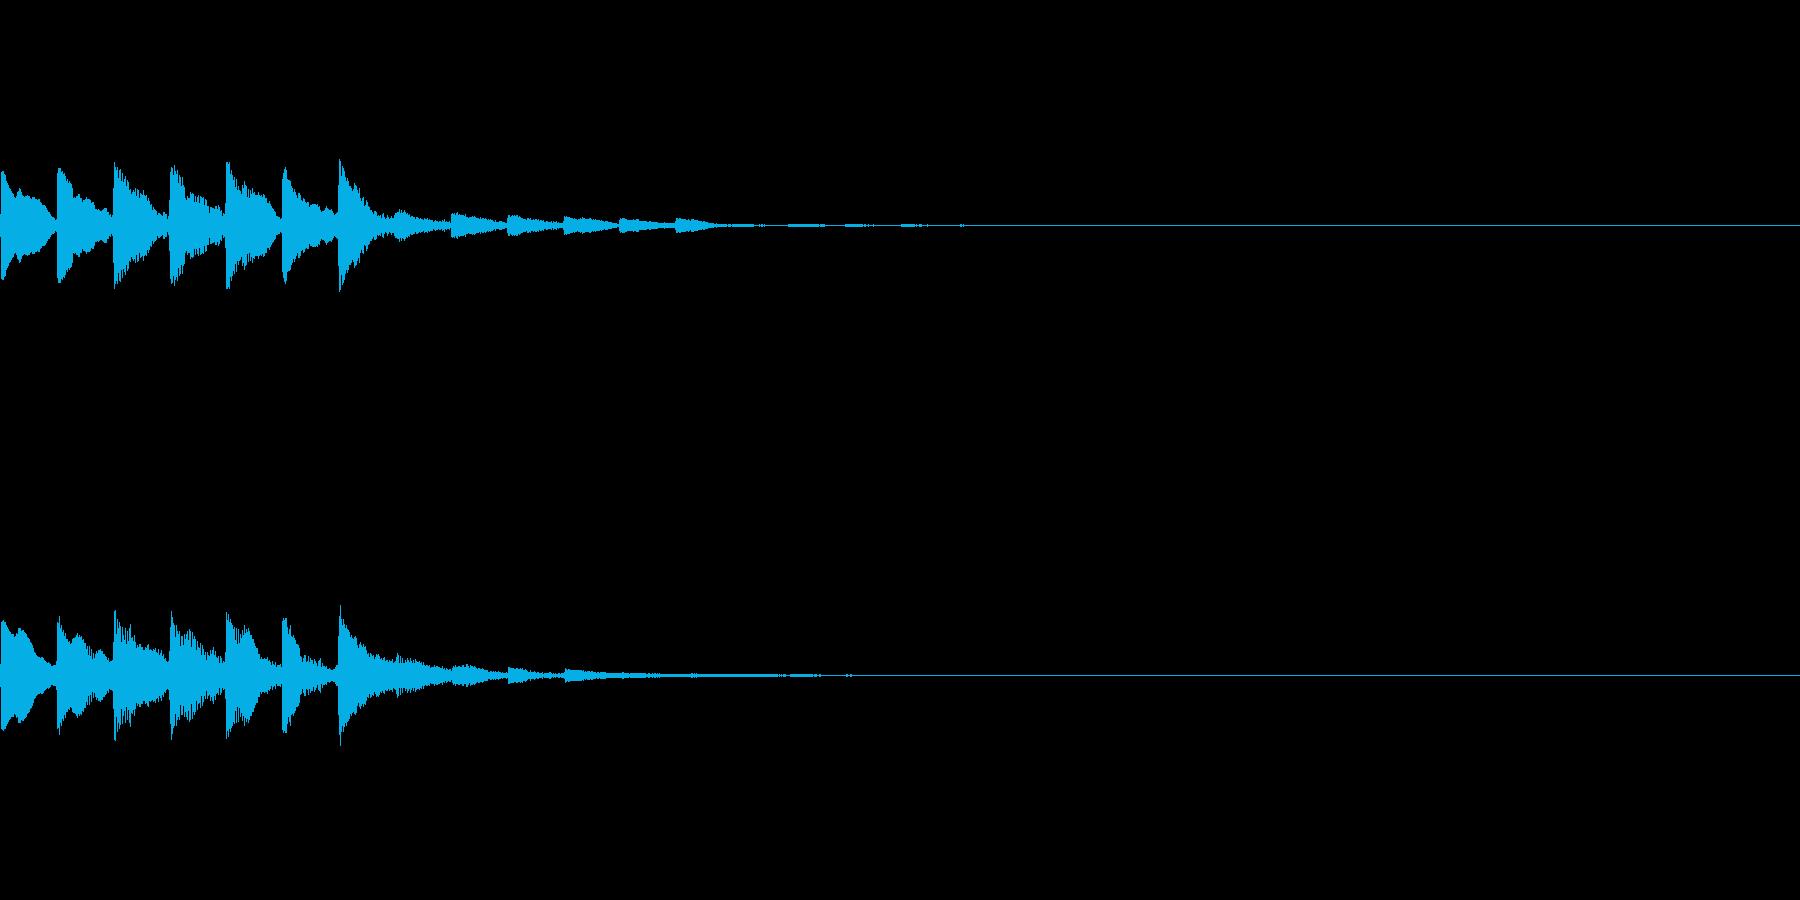 ピロロロロピ【決定音、タッチ音】の再生済みの波形